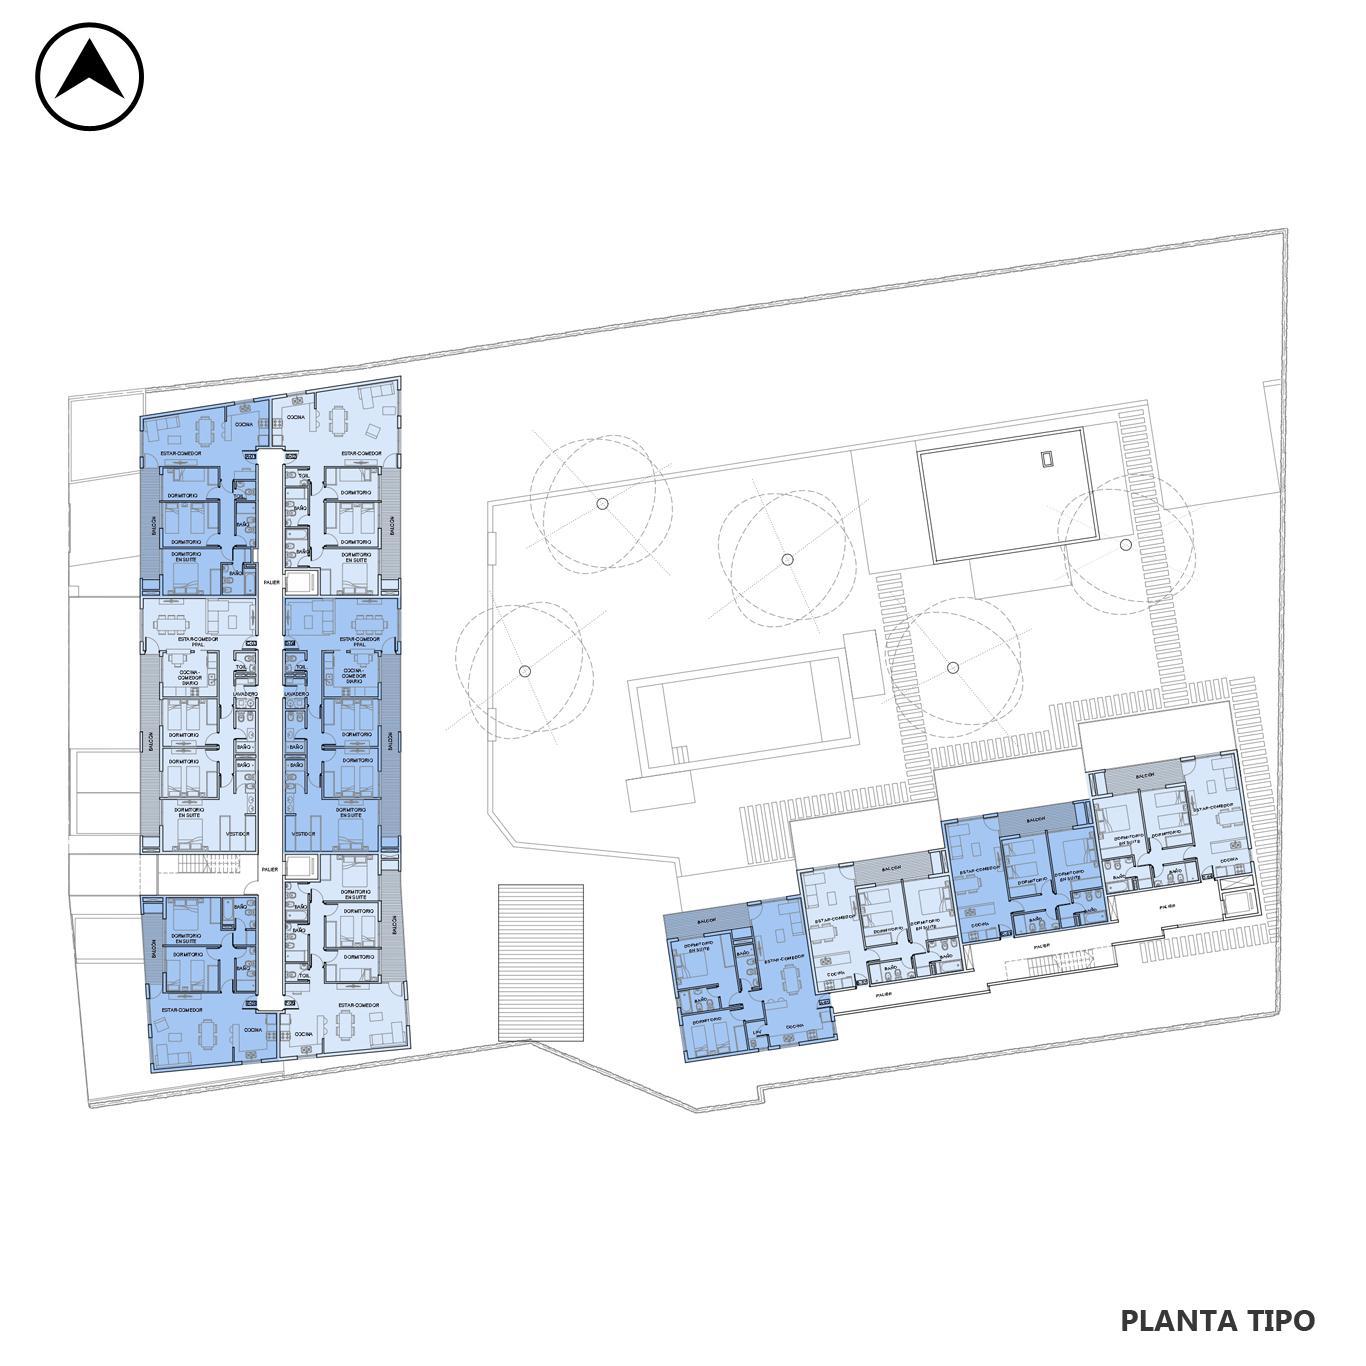 Venta departamento 2 dormitorios Rosario, Fisherton. Cod CBU23543 AP2216682. Crestale Propiedades